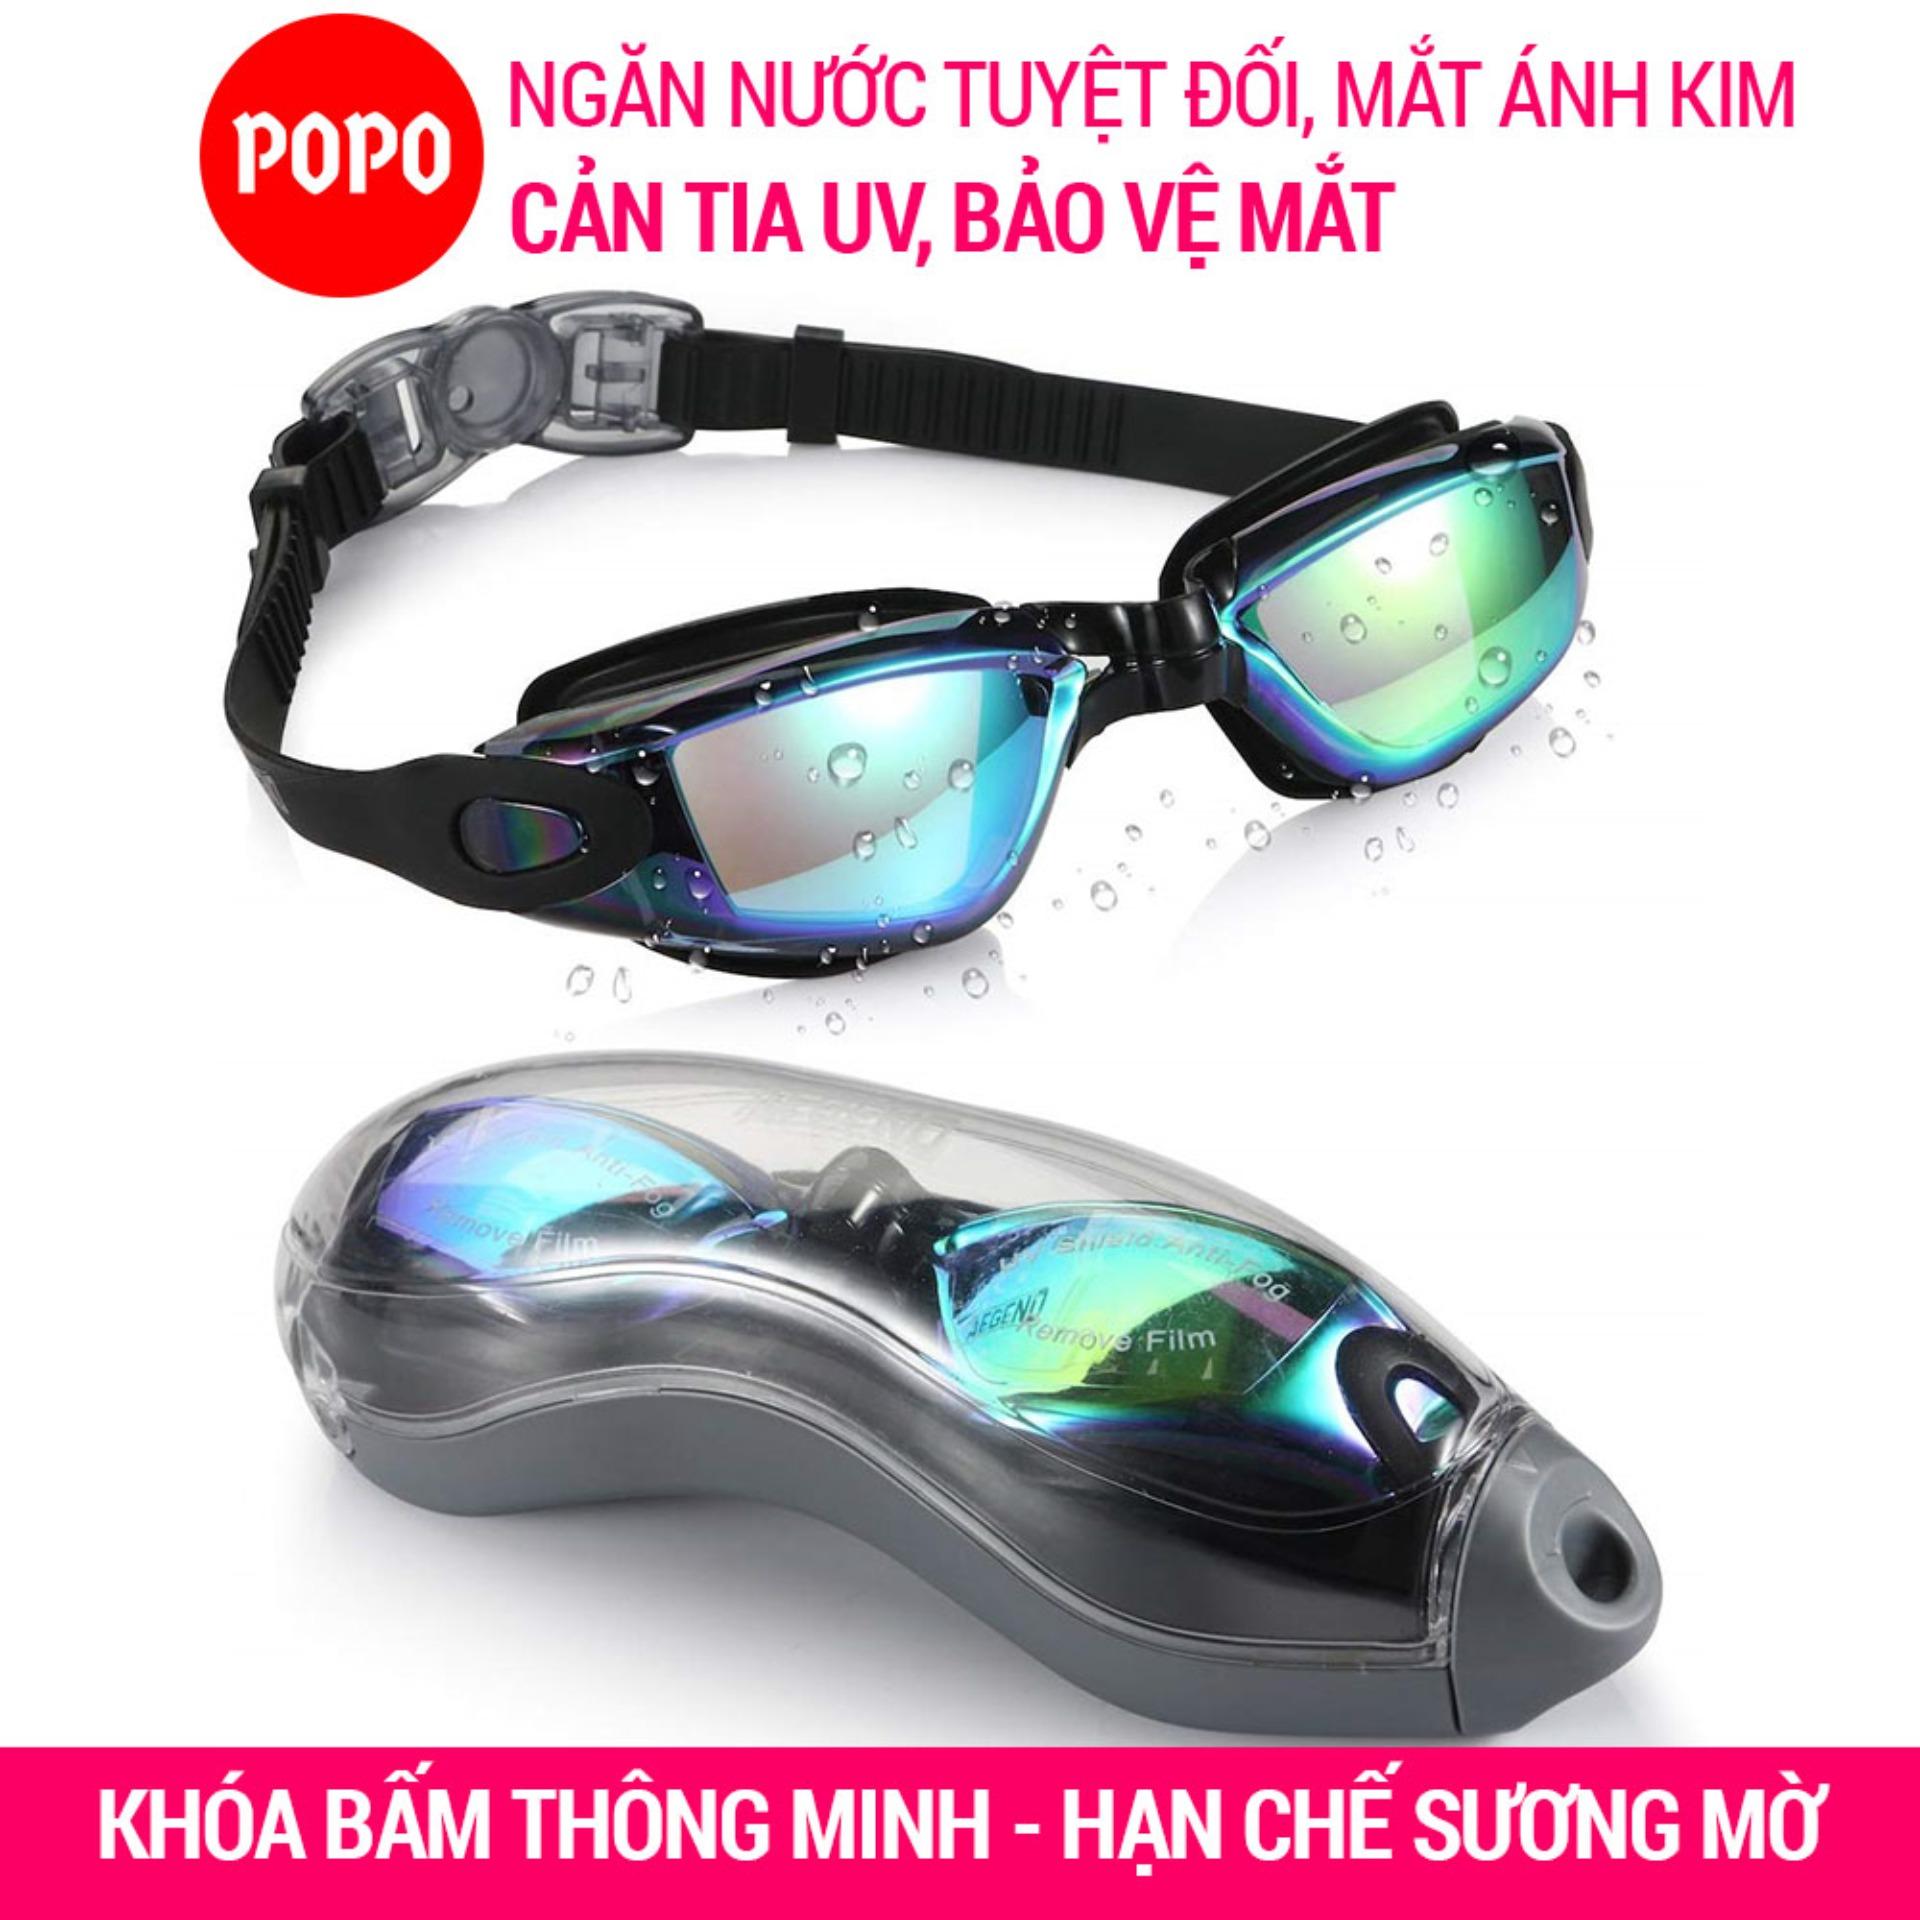 Kính Bơi ánh Kim Chống Tia UV POPO P2360 Chống Hấp Hơi Kiểu Dáng Thể Thao Khóa Bấm Phía Sau Dễ Dàng đeo Và Tháo Kính Bơi Bất Ngờ Giảm Giá